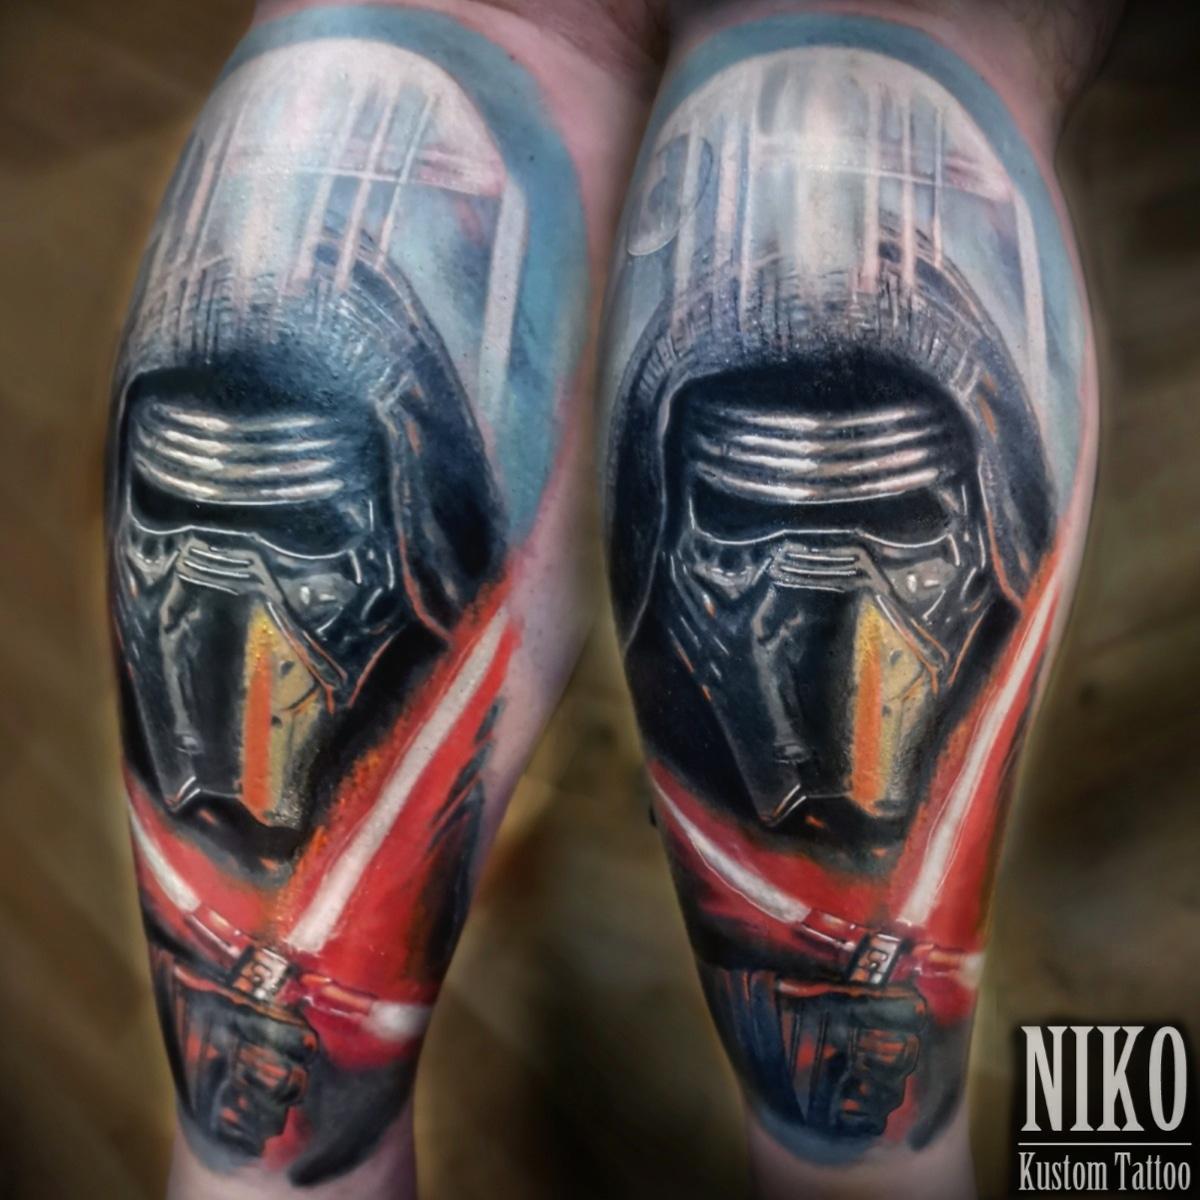 Derniers tatouages réalisés par Niko